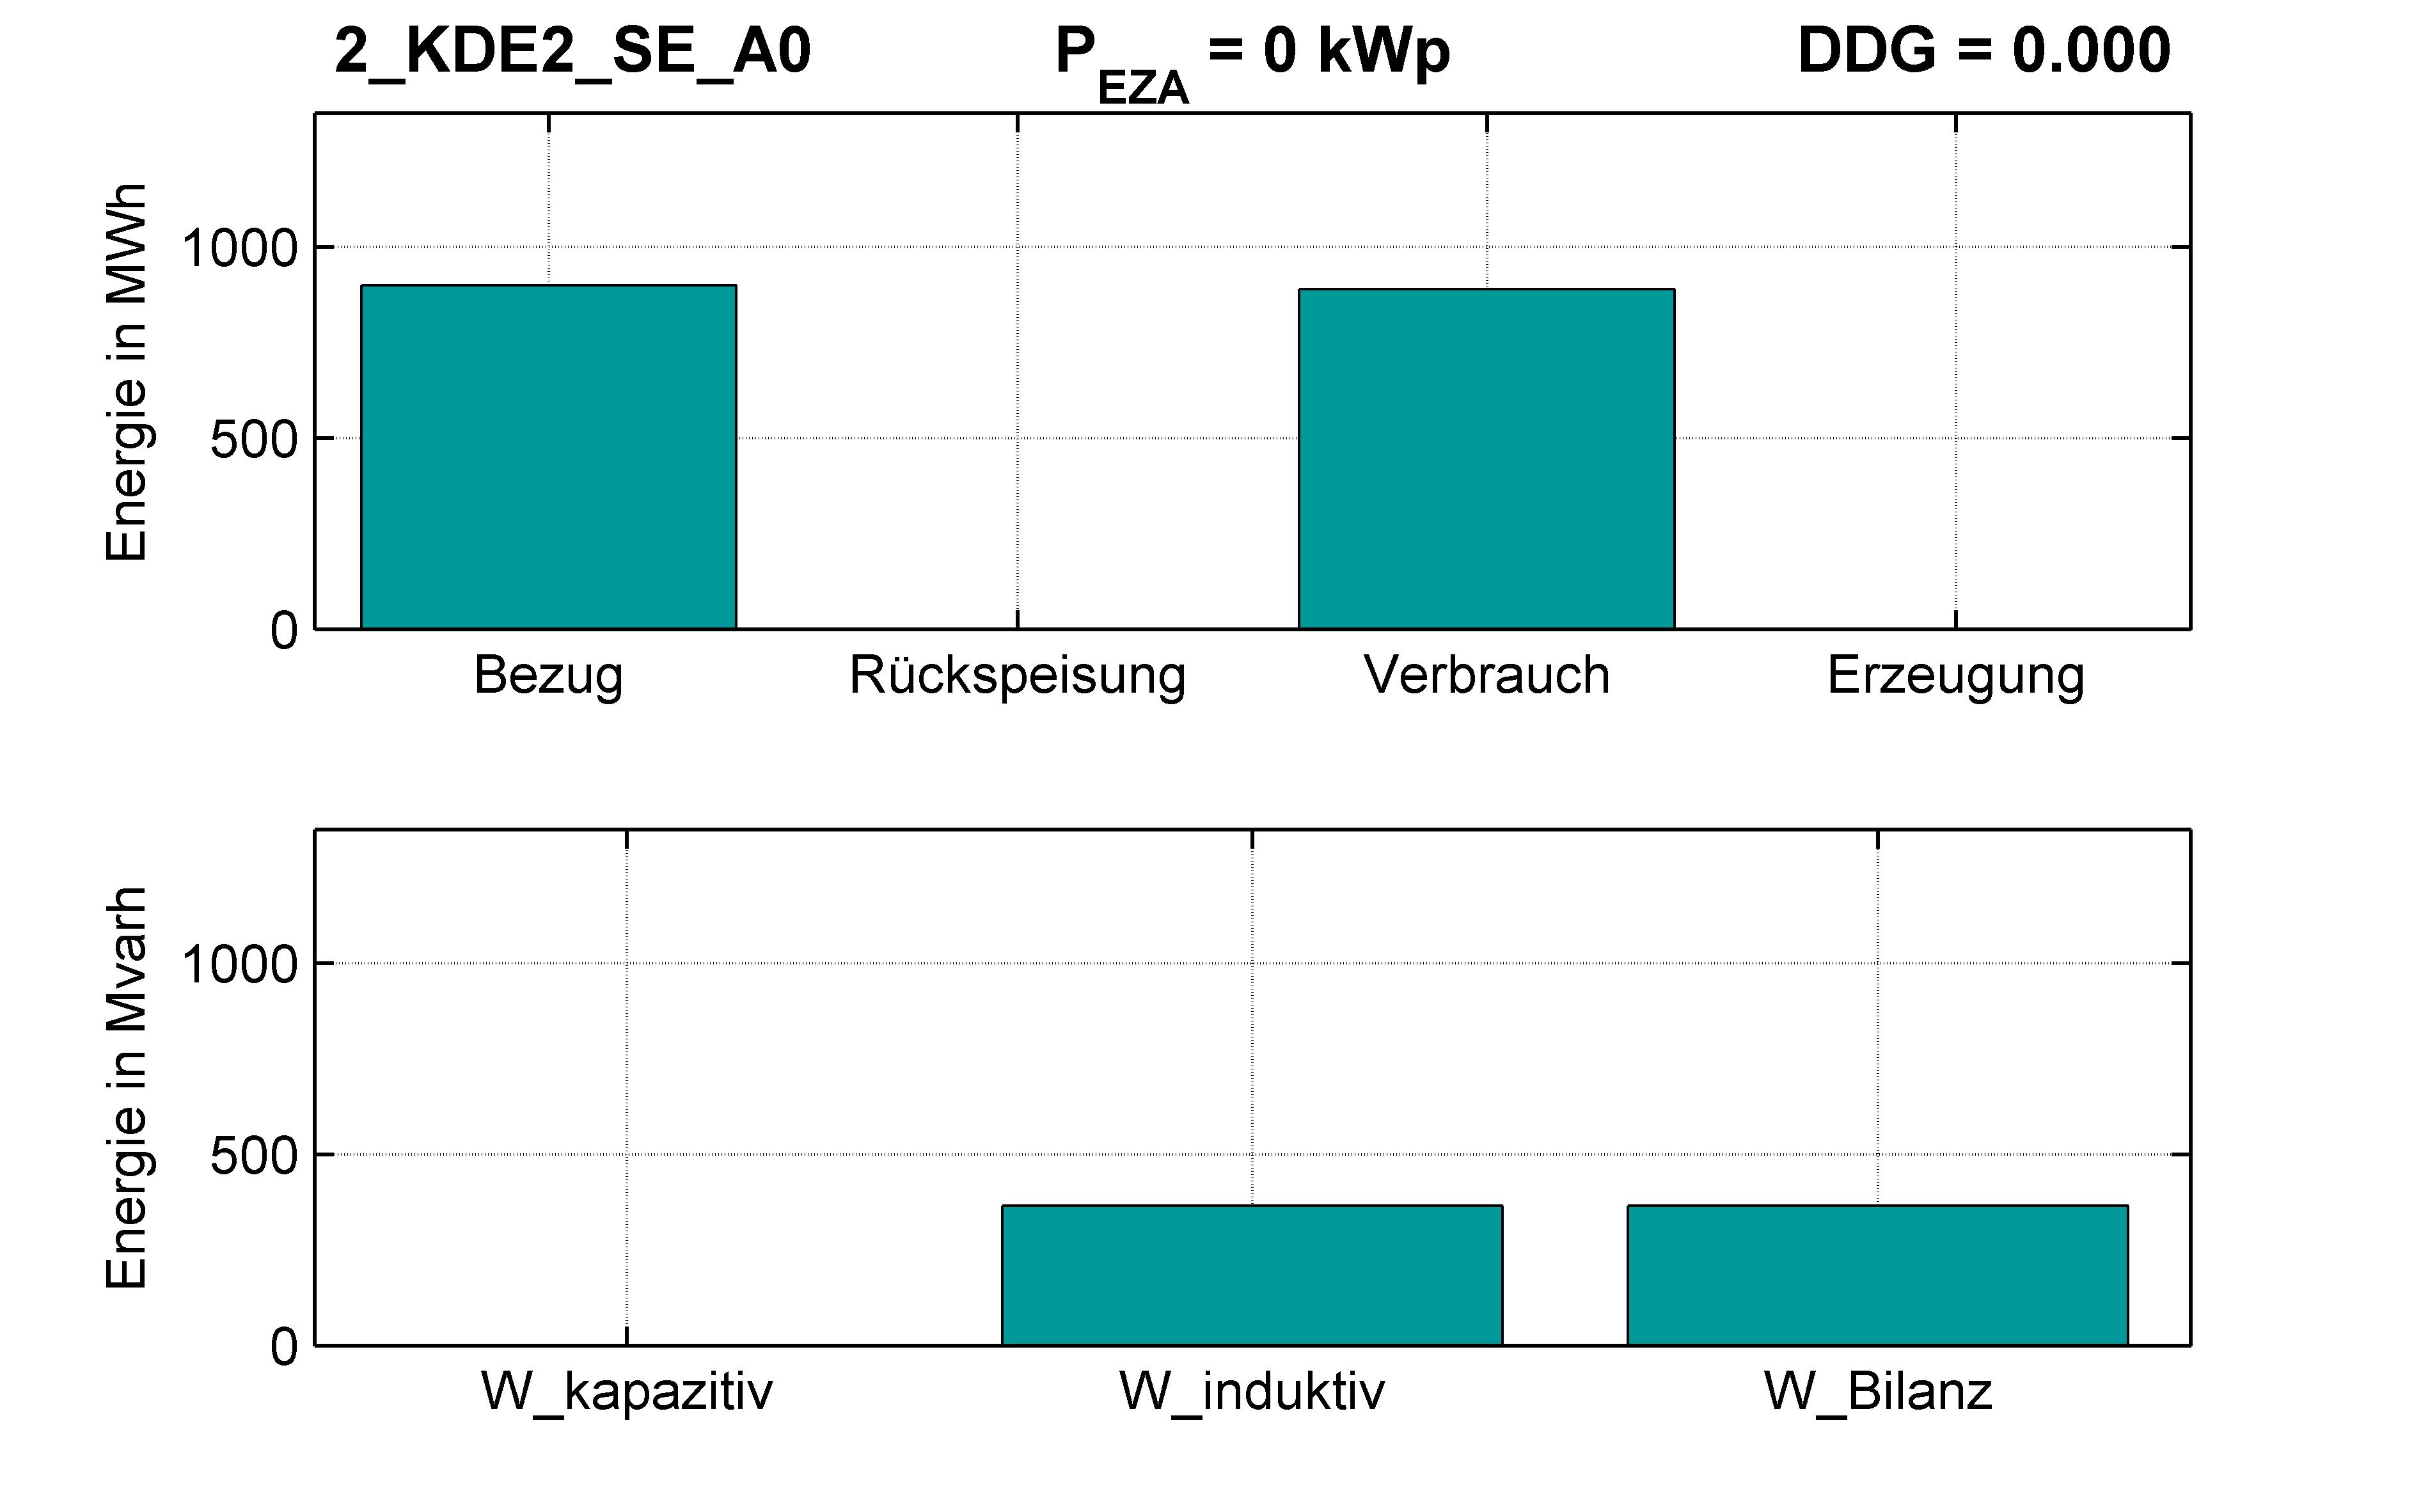 KDE2 | P-Kappung 85% (SE) A0 | PQ-Bilanz